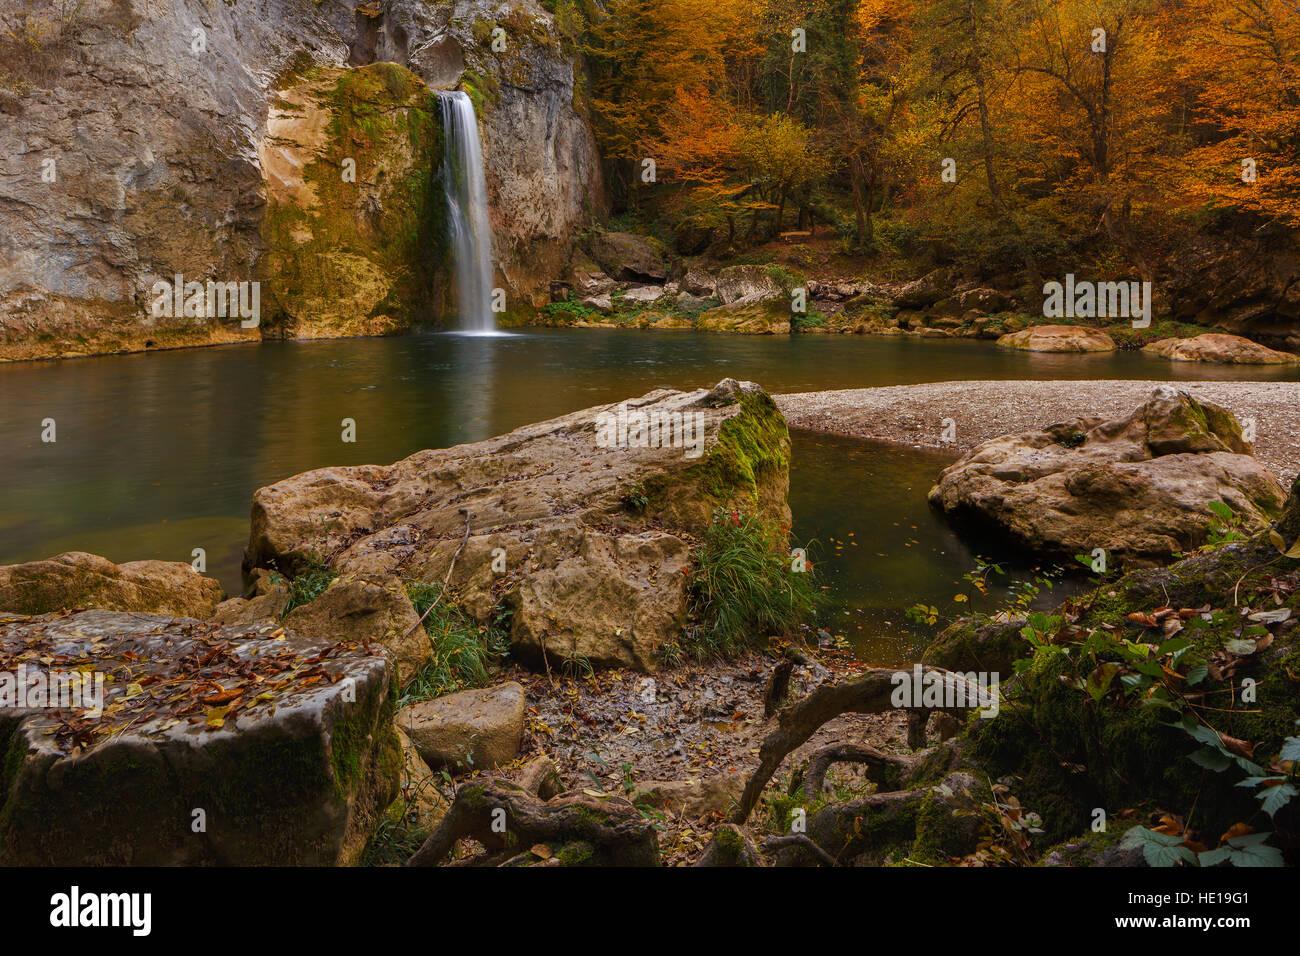 Landscape beautiful autumn nature on the hillside of Kure Mountains in Kastamonu, Turkey - Stock Image